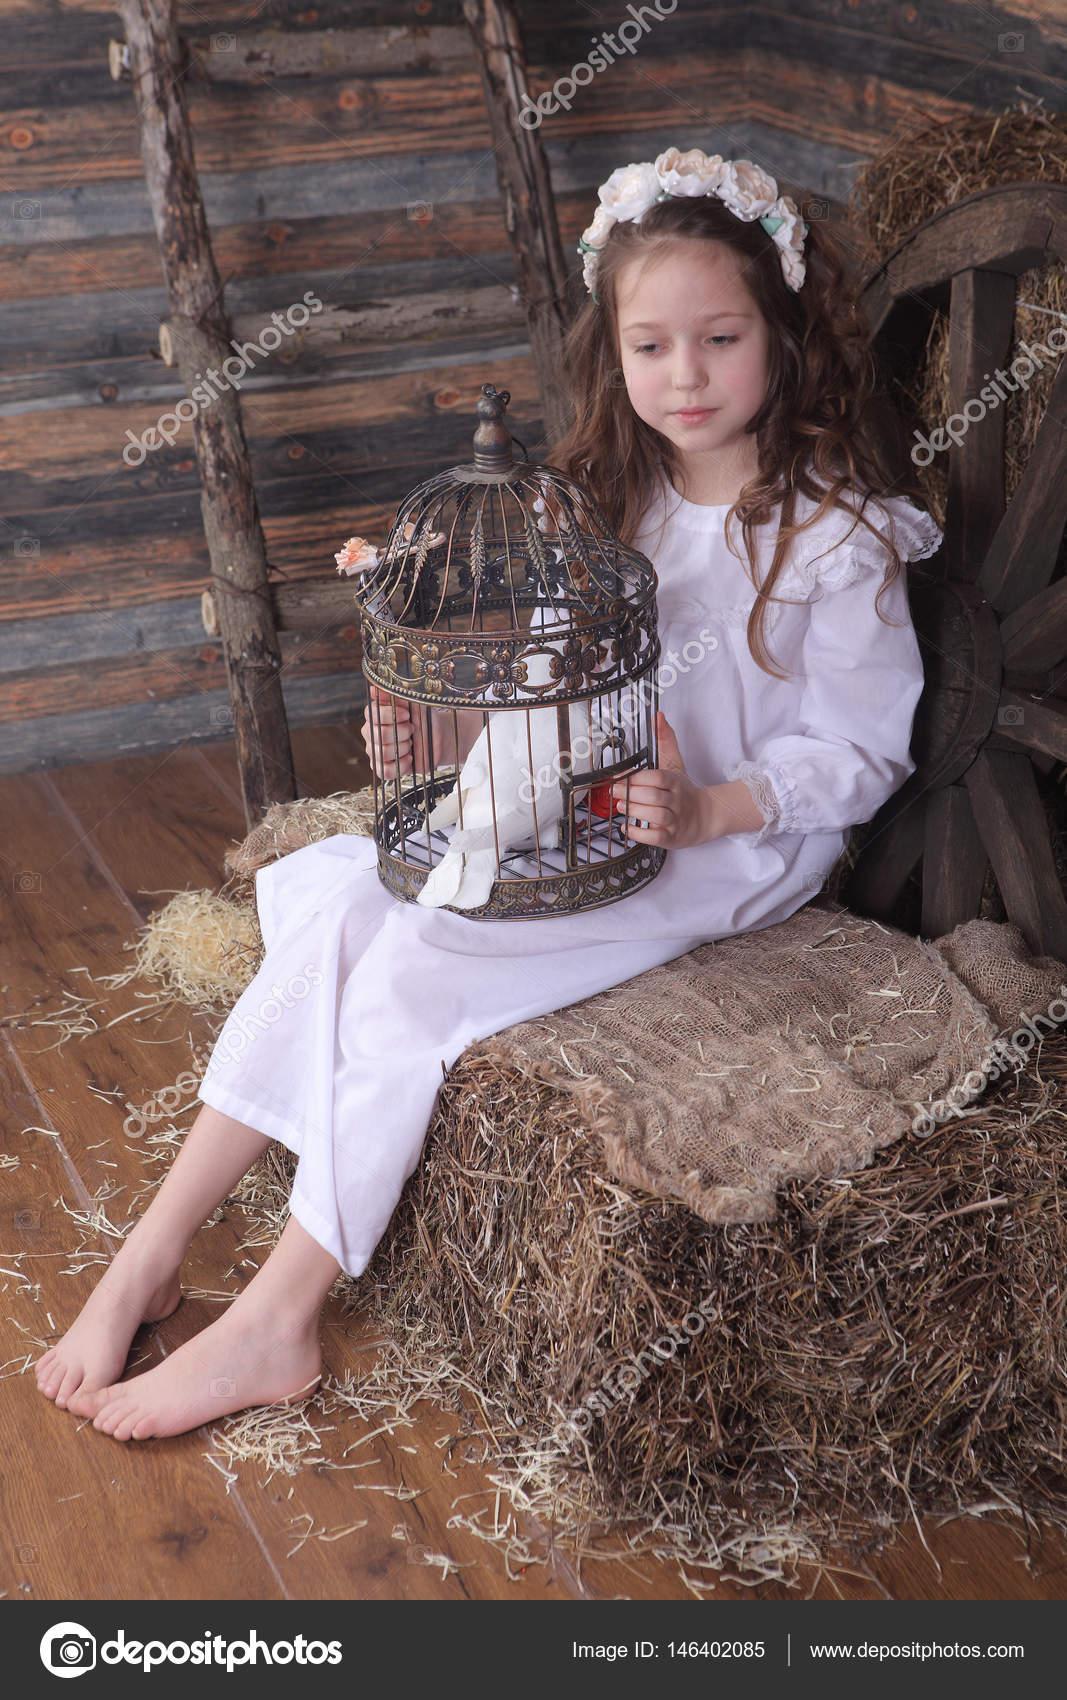 gabbia colomba in una ragazza tiene bianca con una corona che una Yxwaqdz1Uw